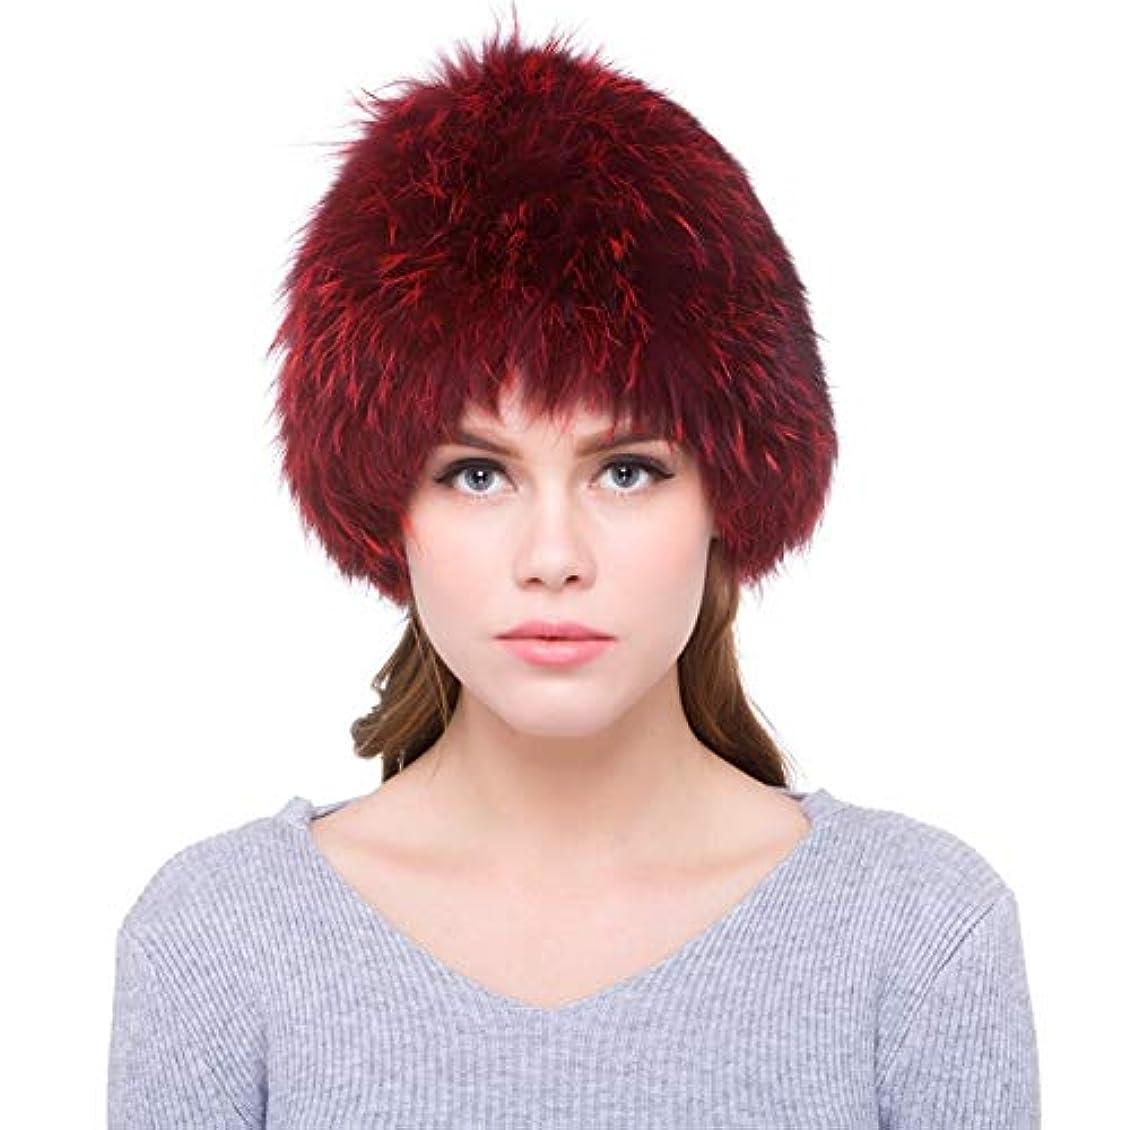 バスタブ階層バッグACAO ヨーロッパとアメリカのキツネの毛皮の帽子の冬の天候ストリップの女性モデルトレンディな毛皮の帽子 (色 : Red wine, Size : M)